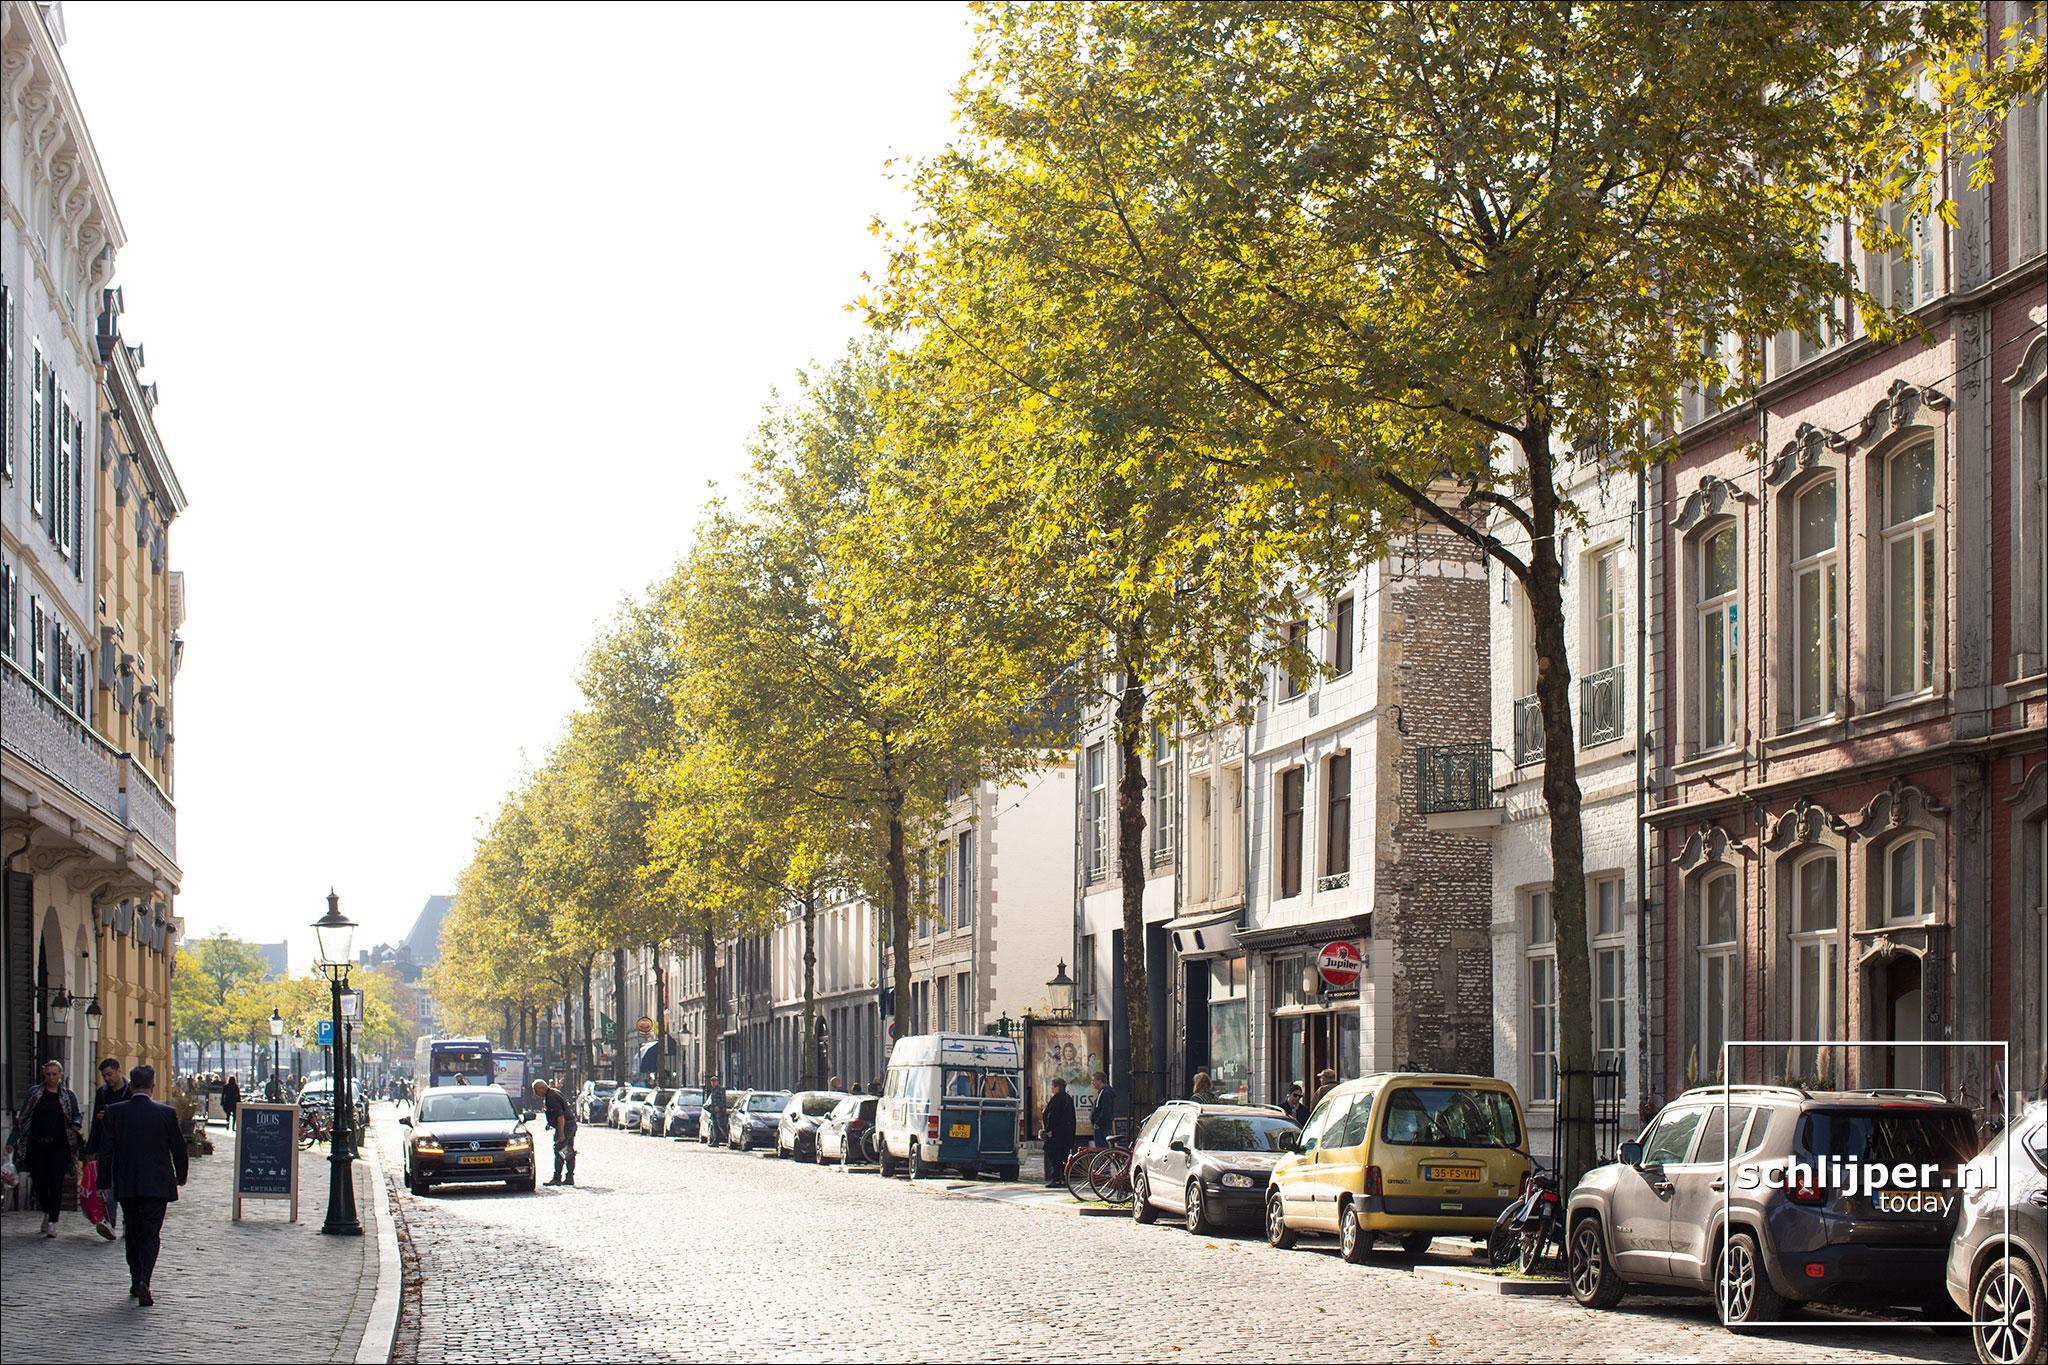 Nederland, Maastricht, 23 oktober 2019